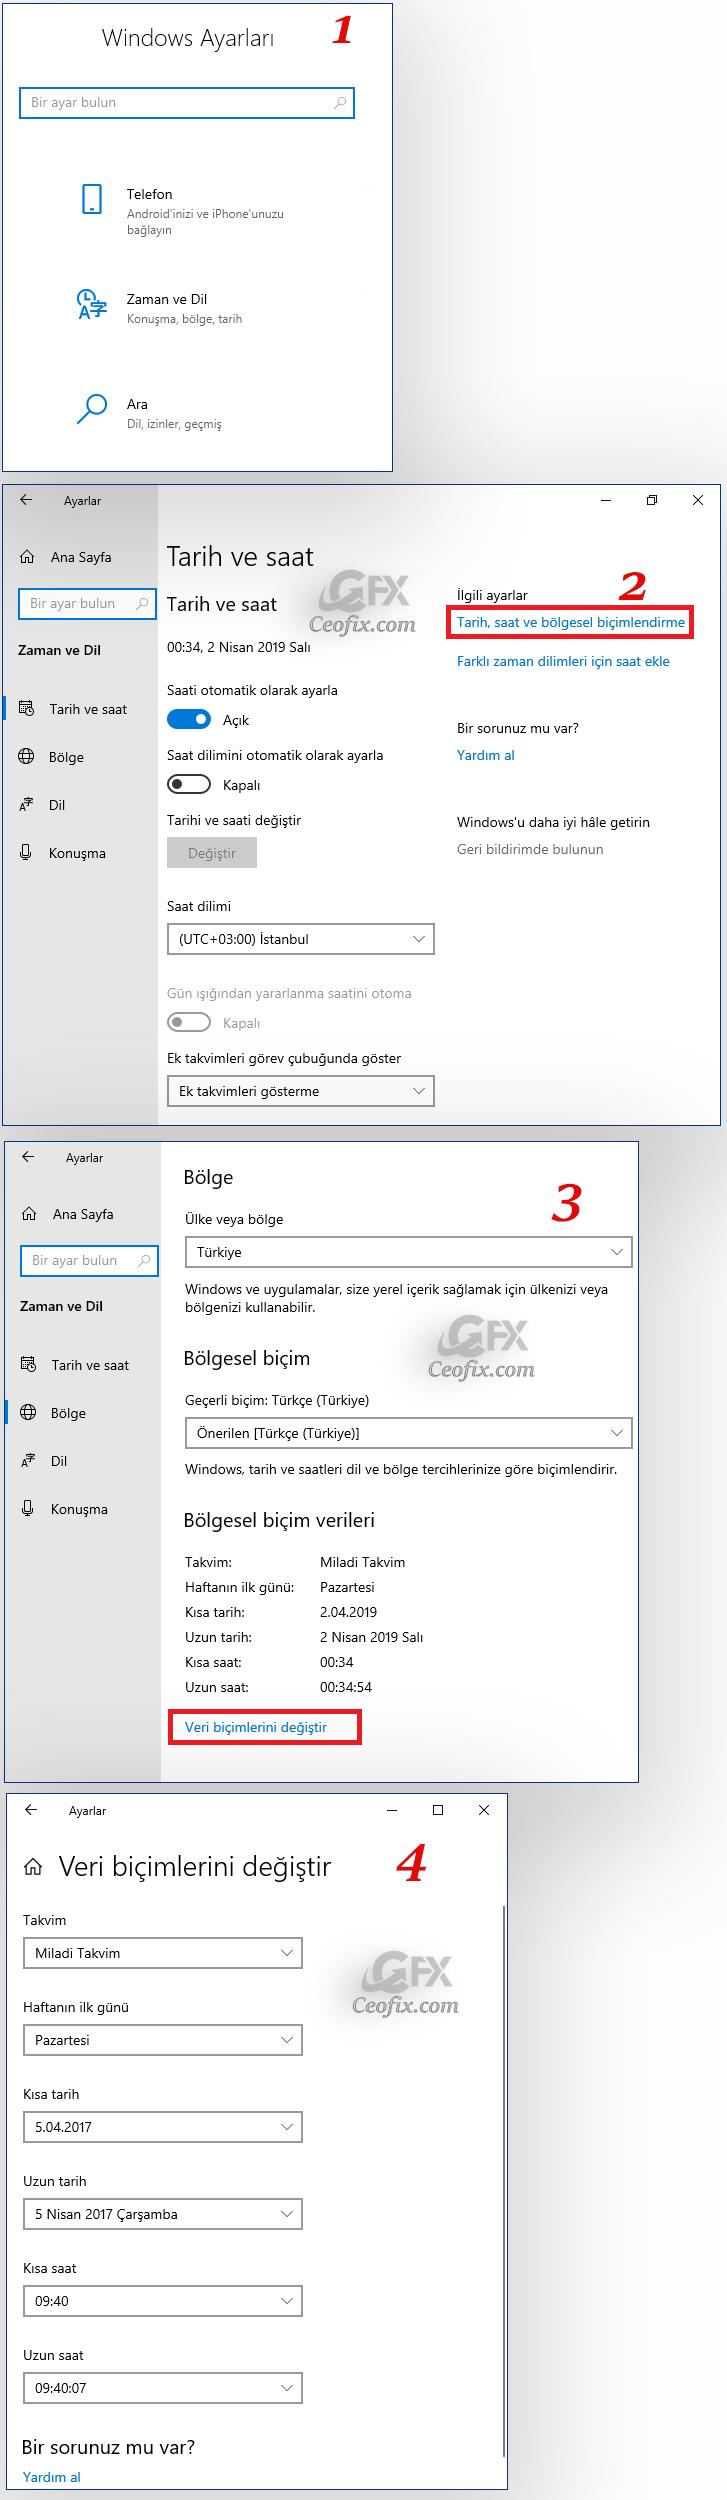 Windows 10'da konum ve bölgesel biçimler ayarları nasıl değiştirilir